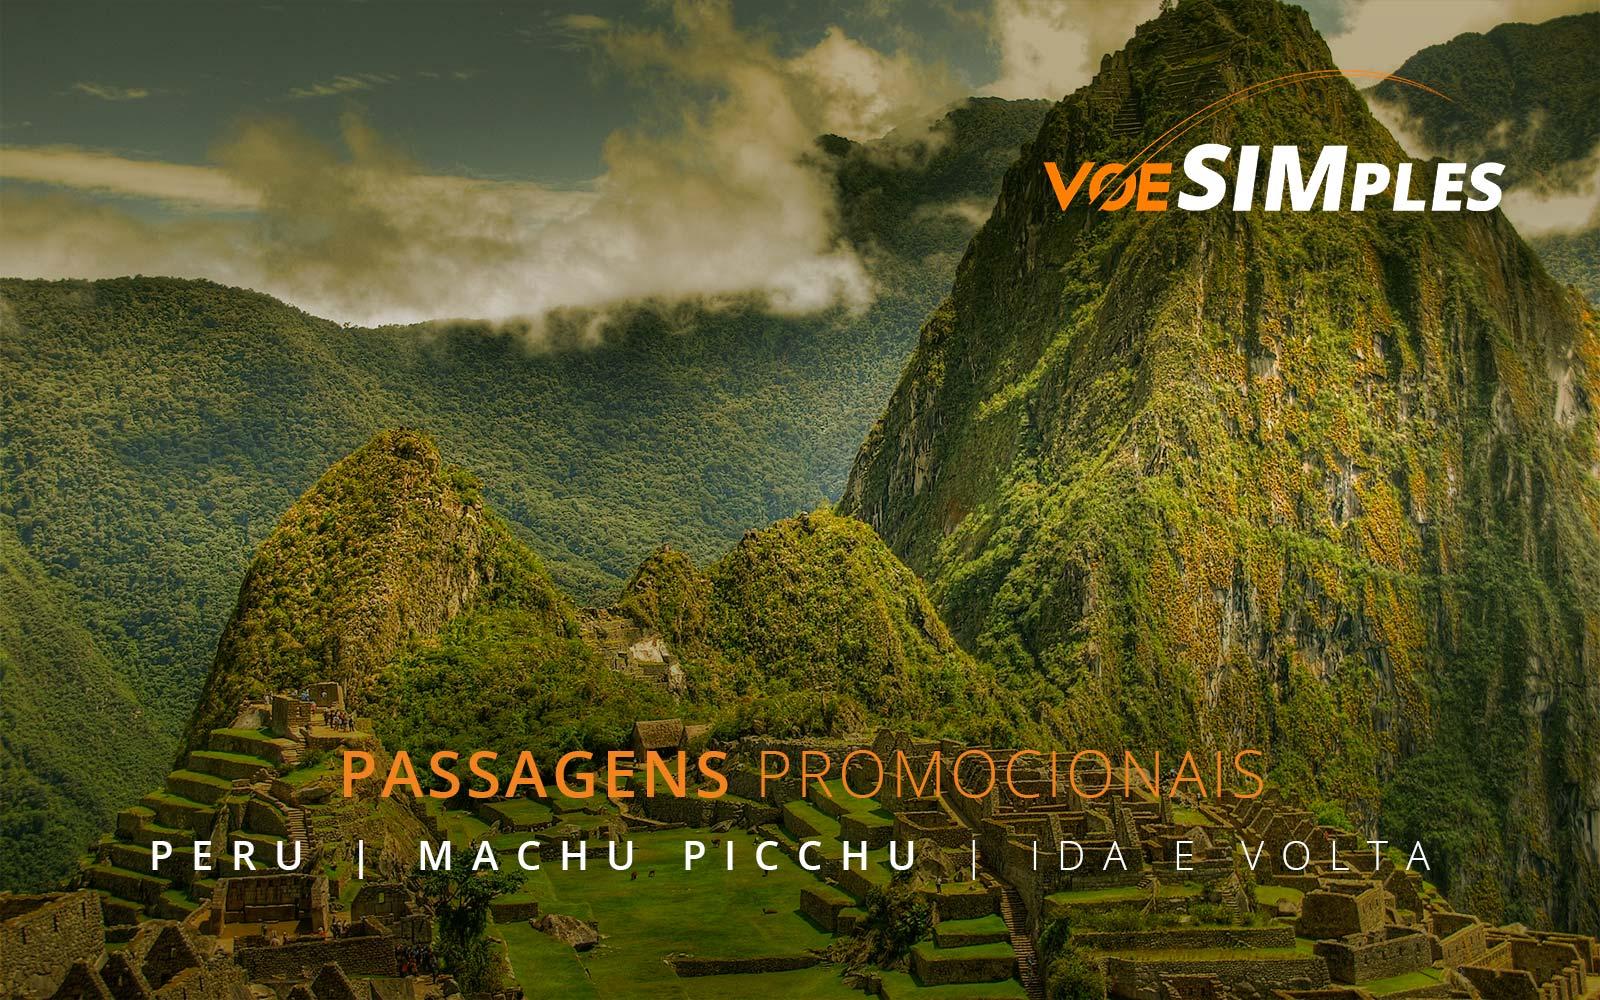 Passagens aéreas promocionais para Lima e Cusco no Peru